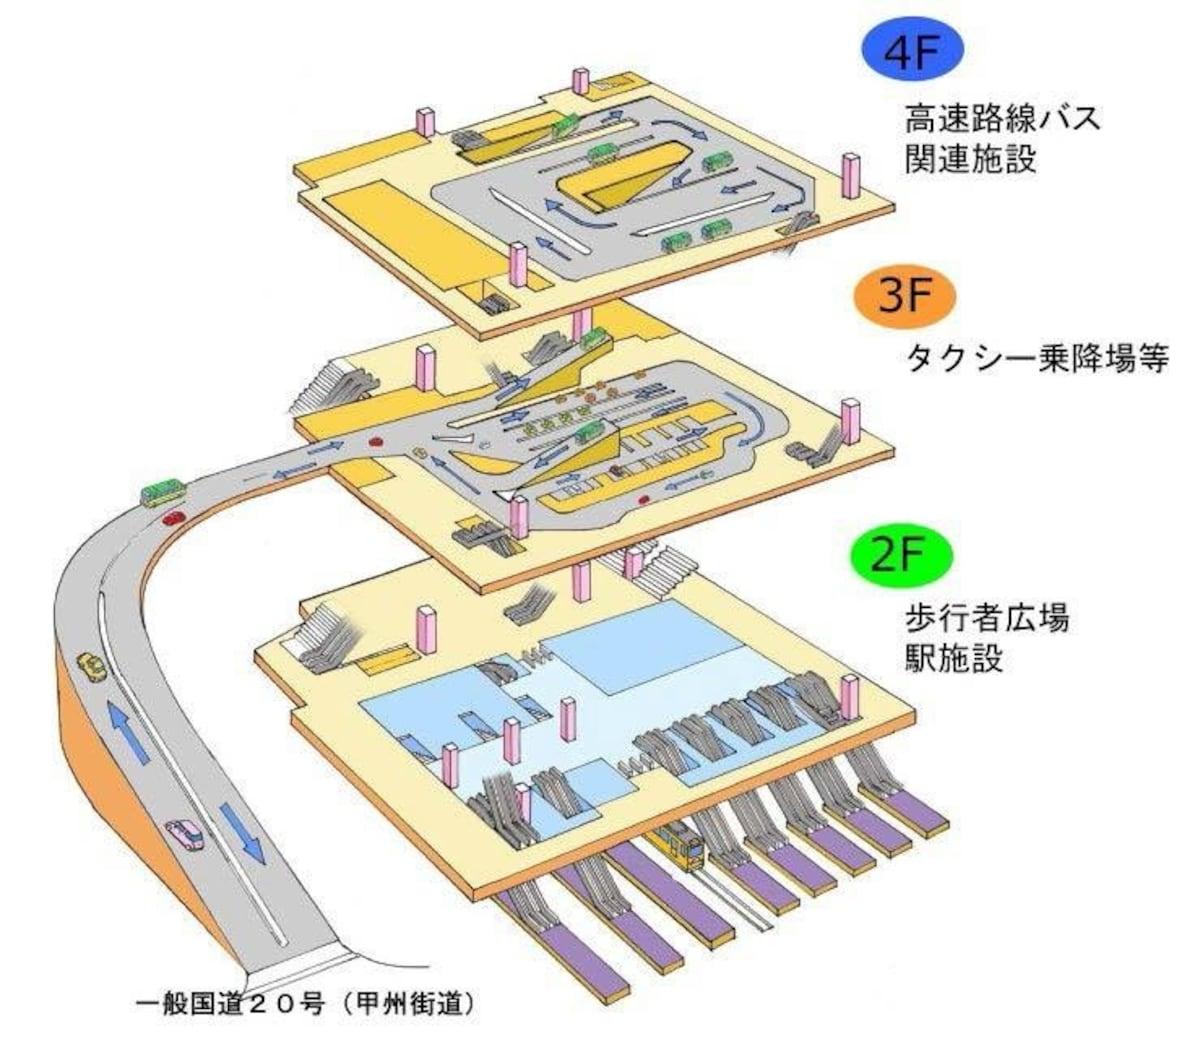 新宿高速巴士總站